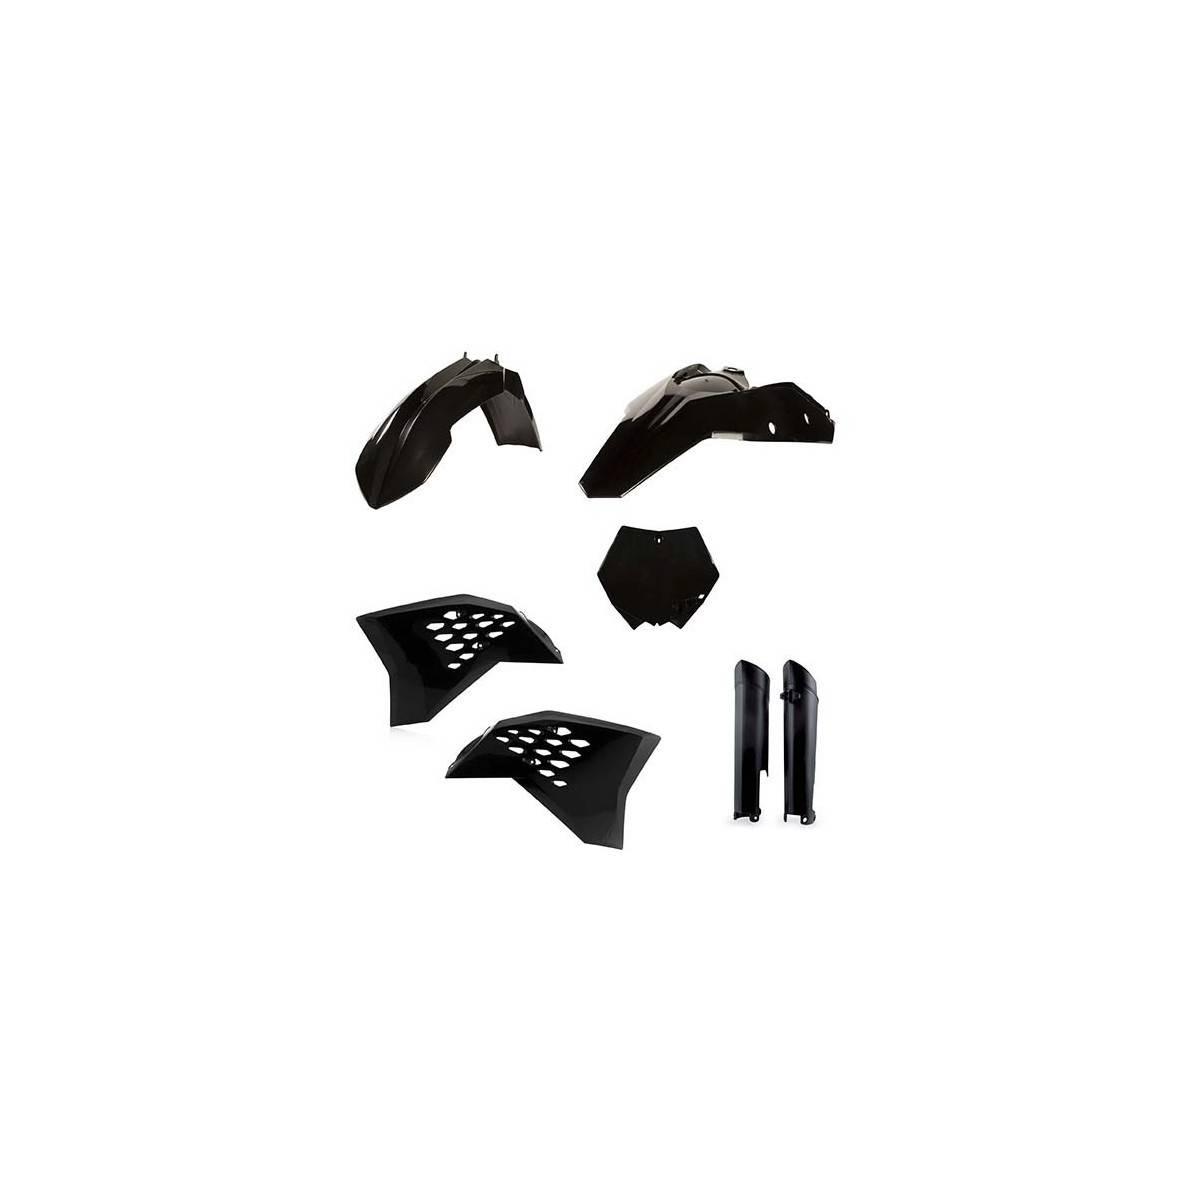 0023085-090 - Full Kit Plasticos Yz 250 18 Negro